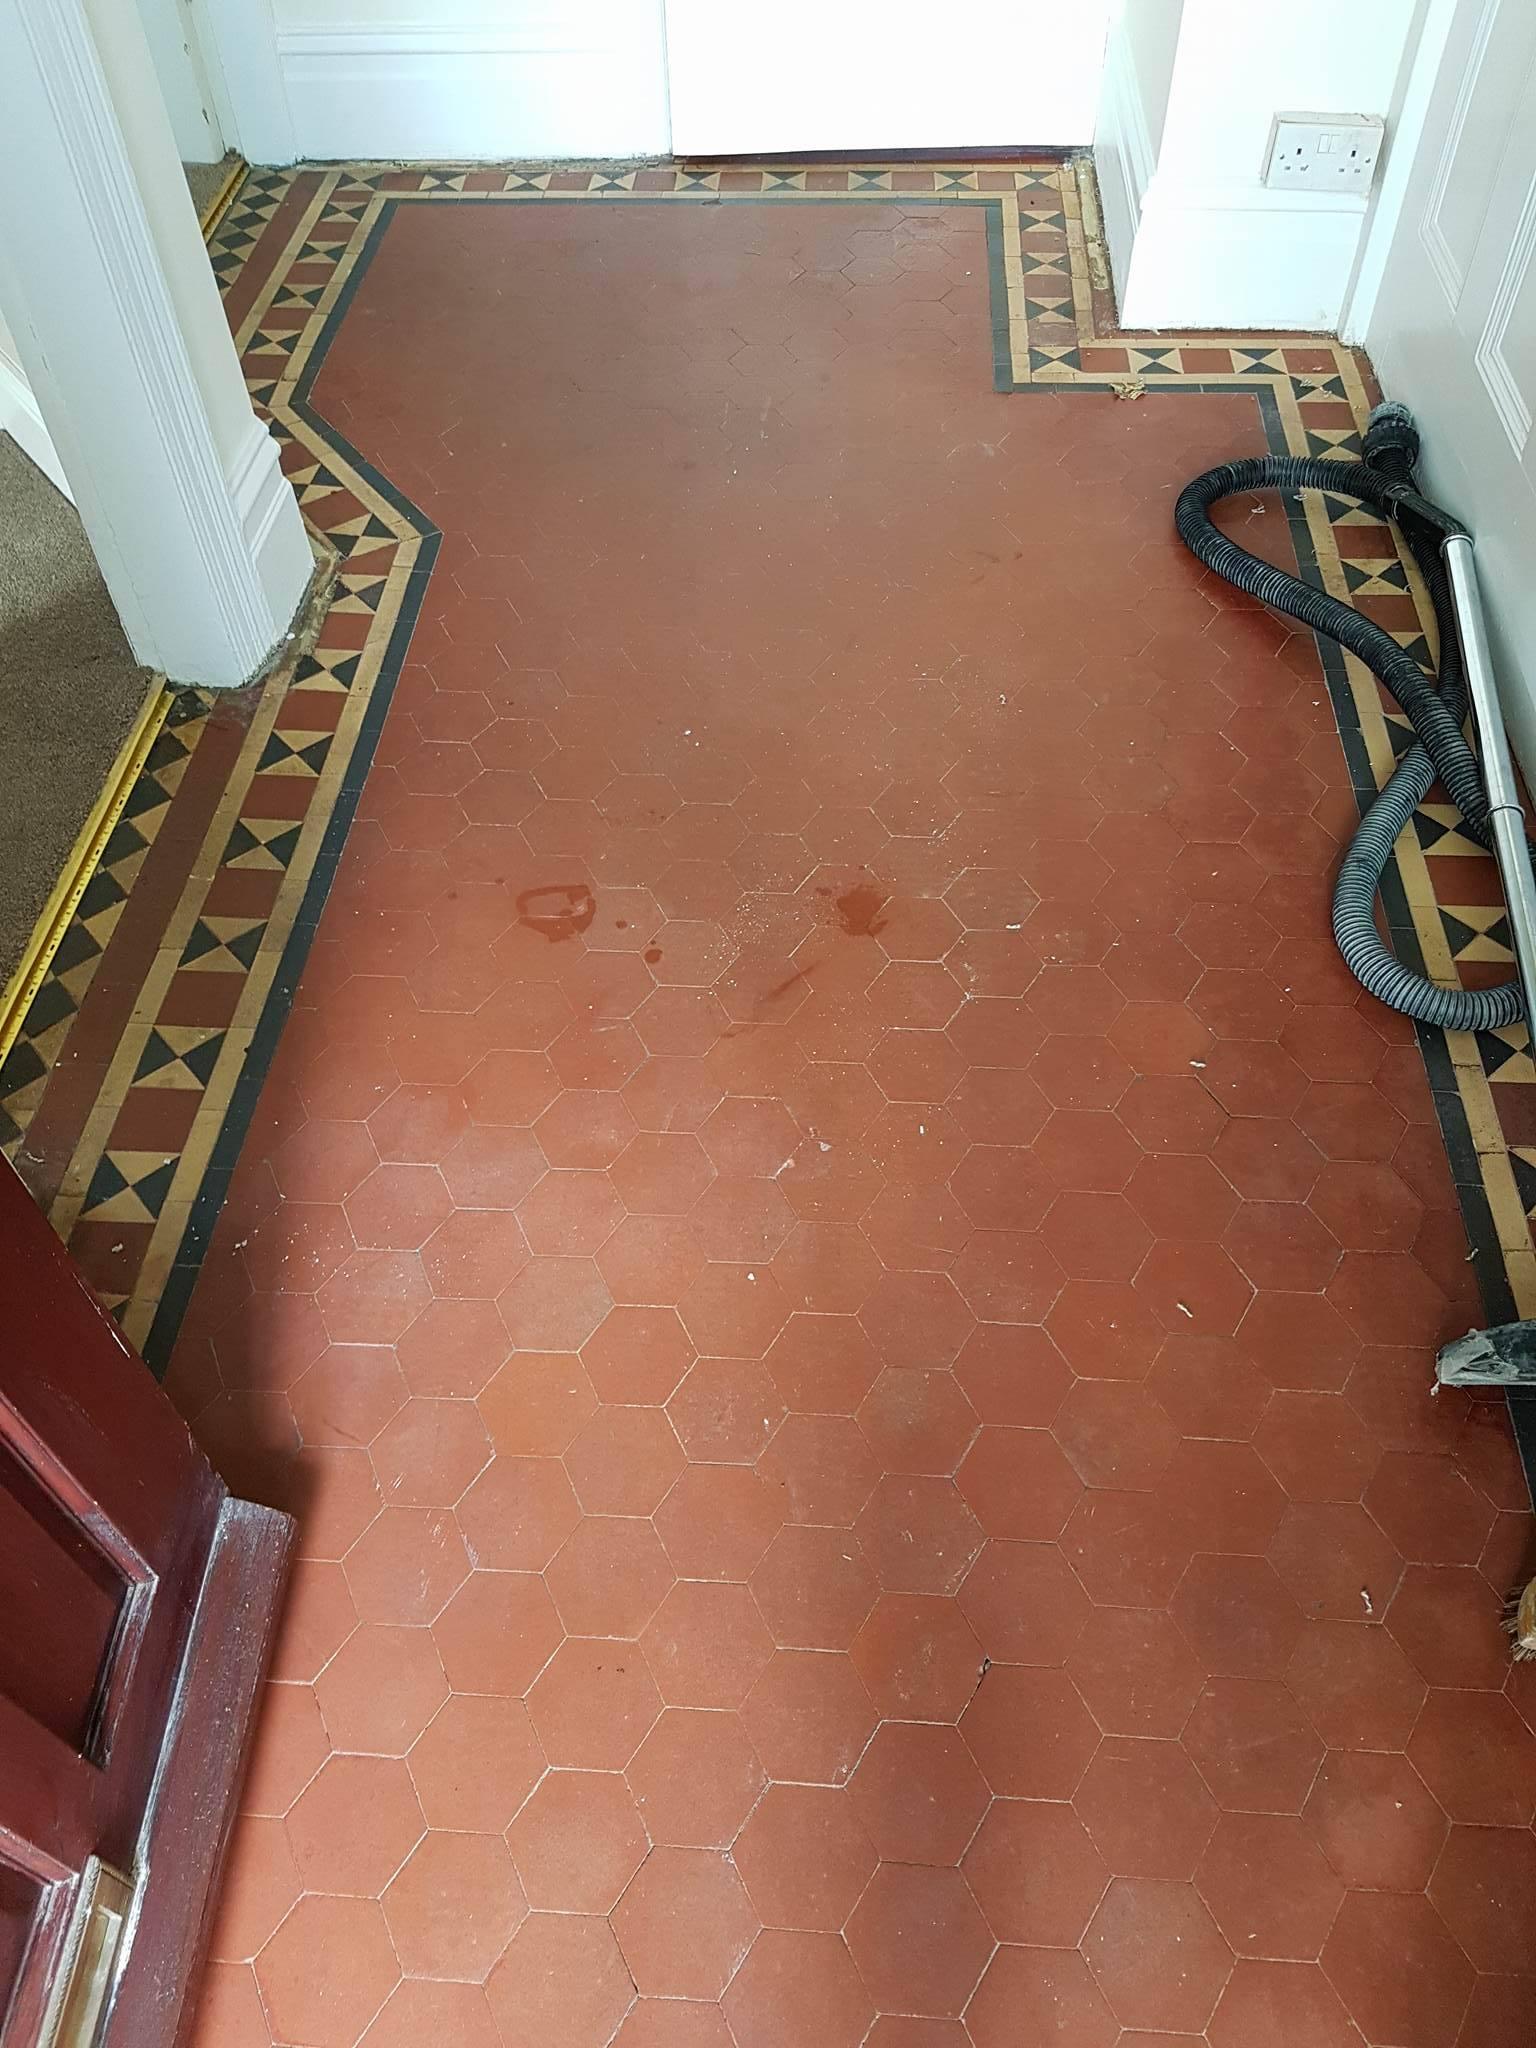 Victorian floor before renovation